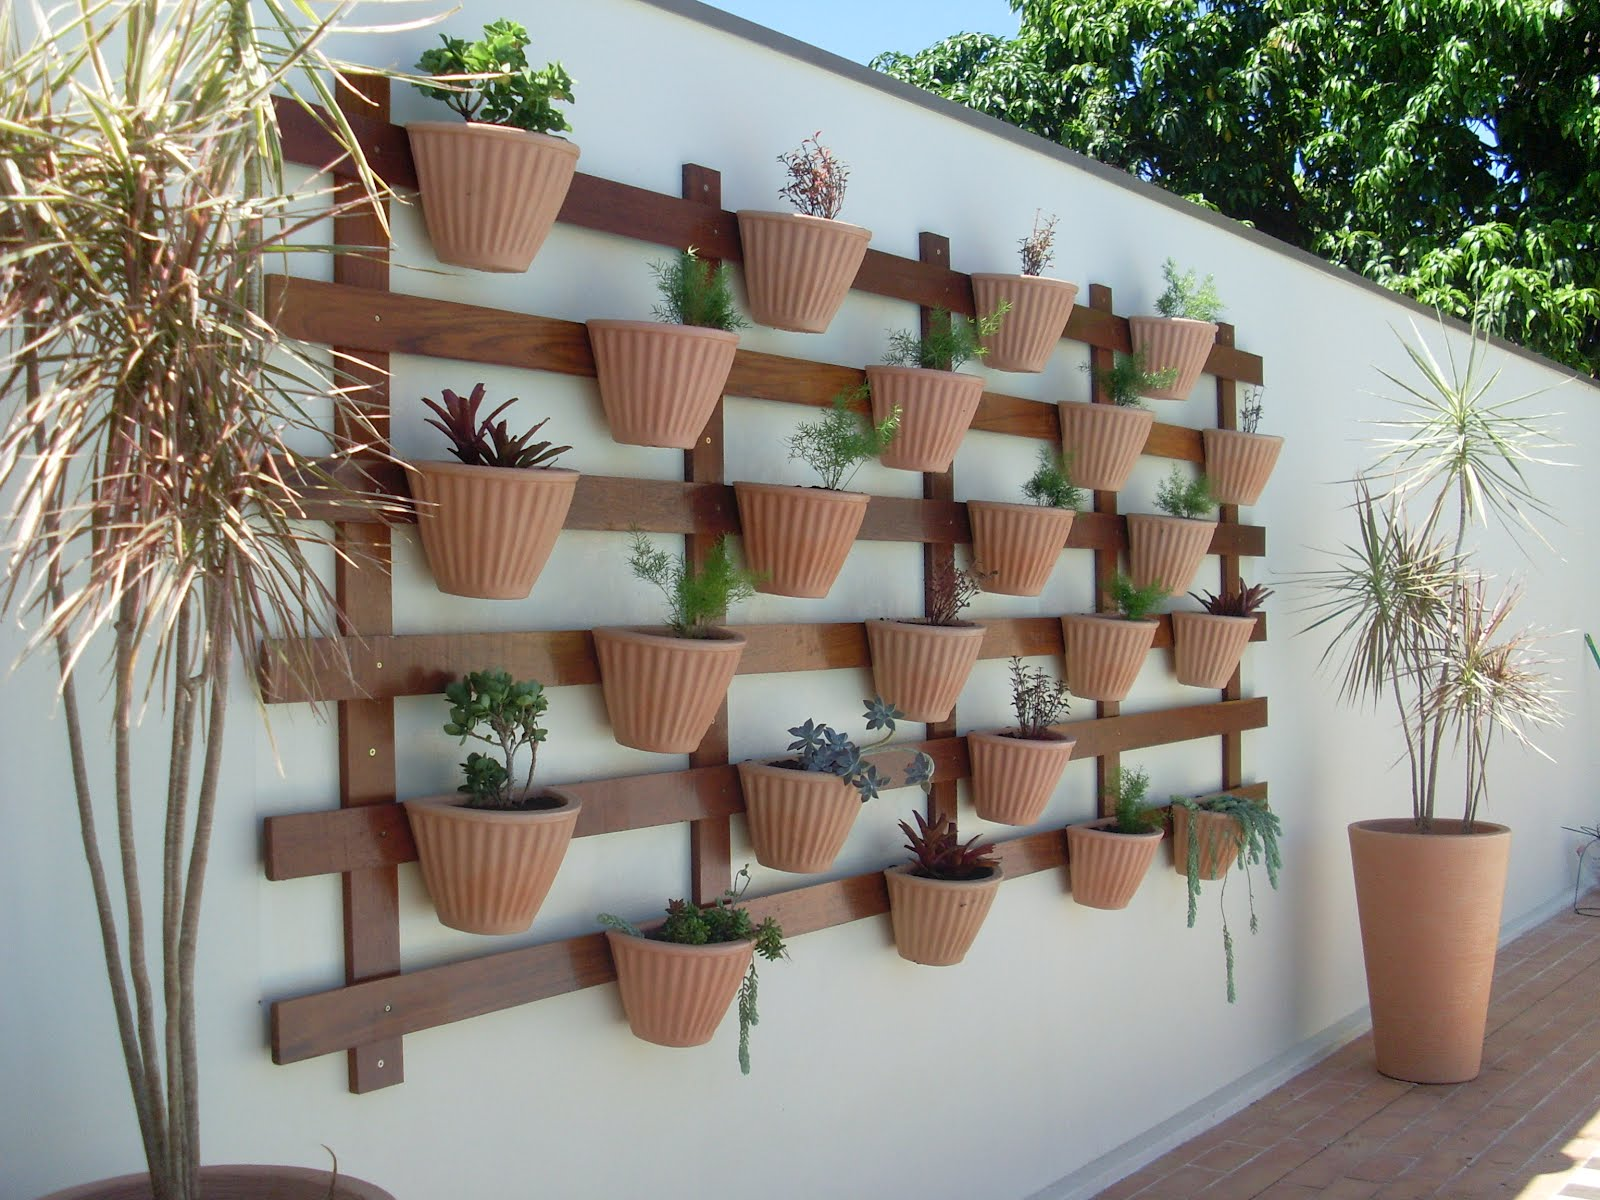 jardim vertical latas:Garden Vertical Gardening Ideas